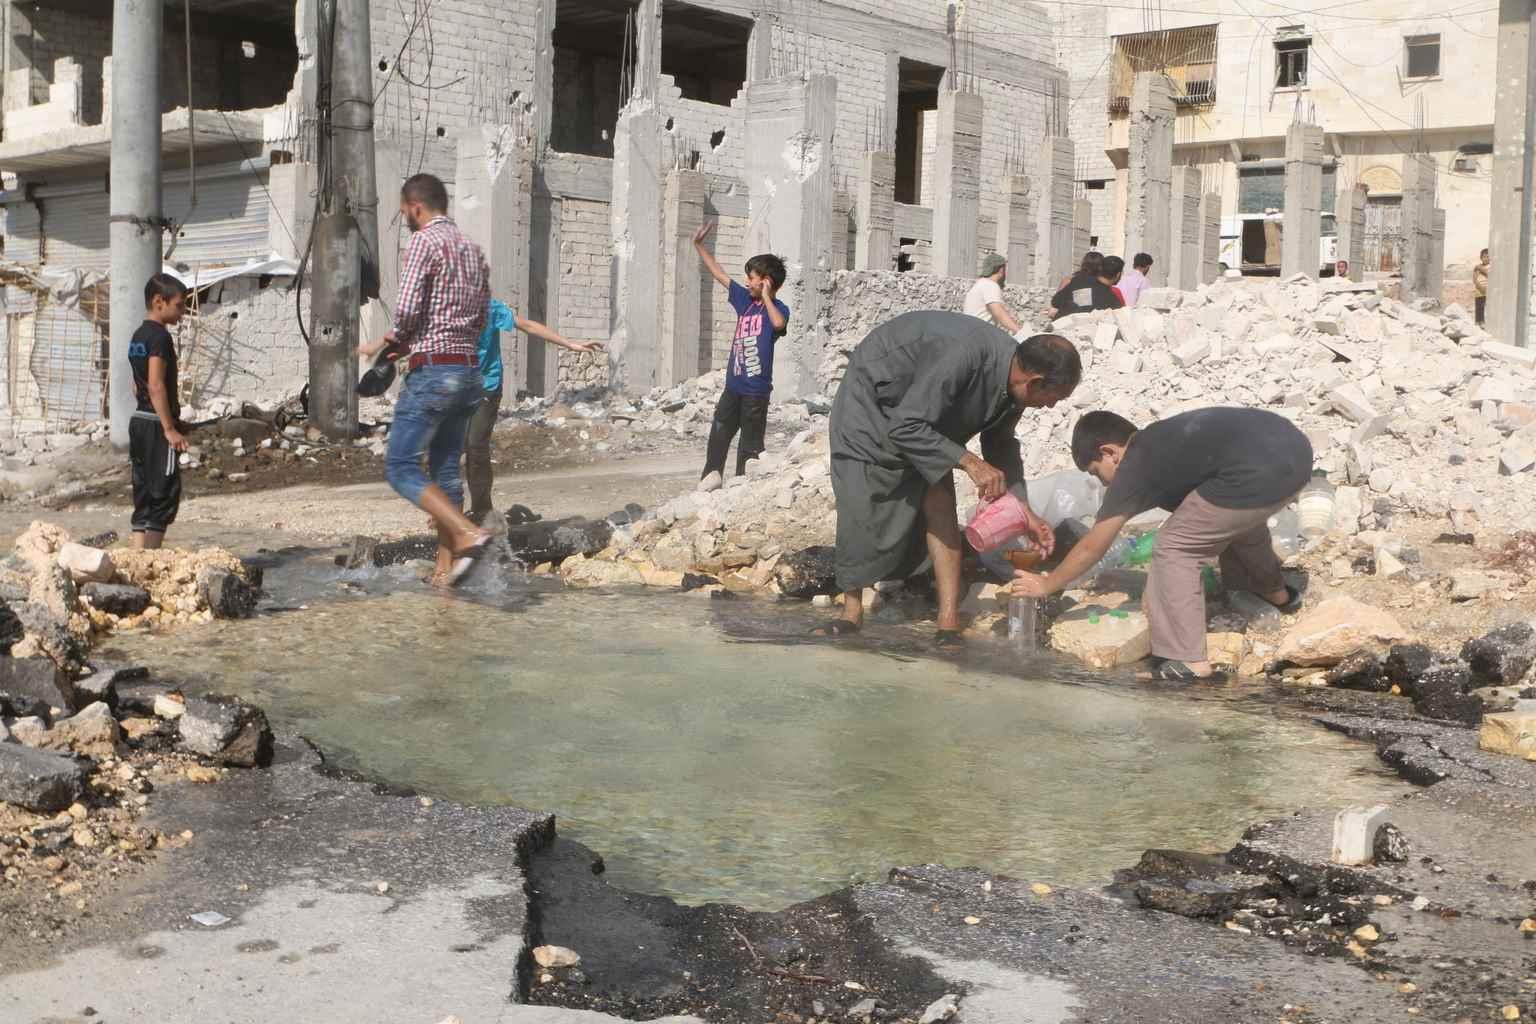 """رجل وصبي يعبئان مياه شرب ملوثة من بركة مياه لحفرة في طريق  بحلب. وبحسب """"يونيسيف"""" اضطر أكثر من 100 ألف طفل في شرق حلب إلى اللجوء للمياه الملوثة بعد أن تعرضت محطة ضخ المياه التي تزود أجزاء من المدينة، لأضرار شديدة جراء المعارك- آب 2016 (يونيسيف)"""